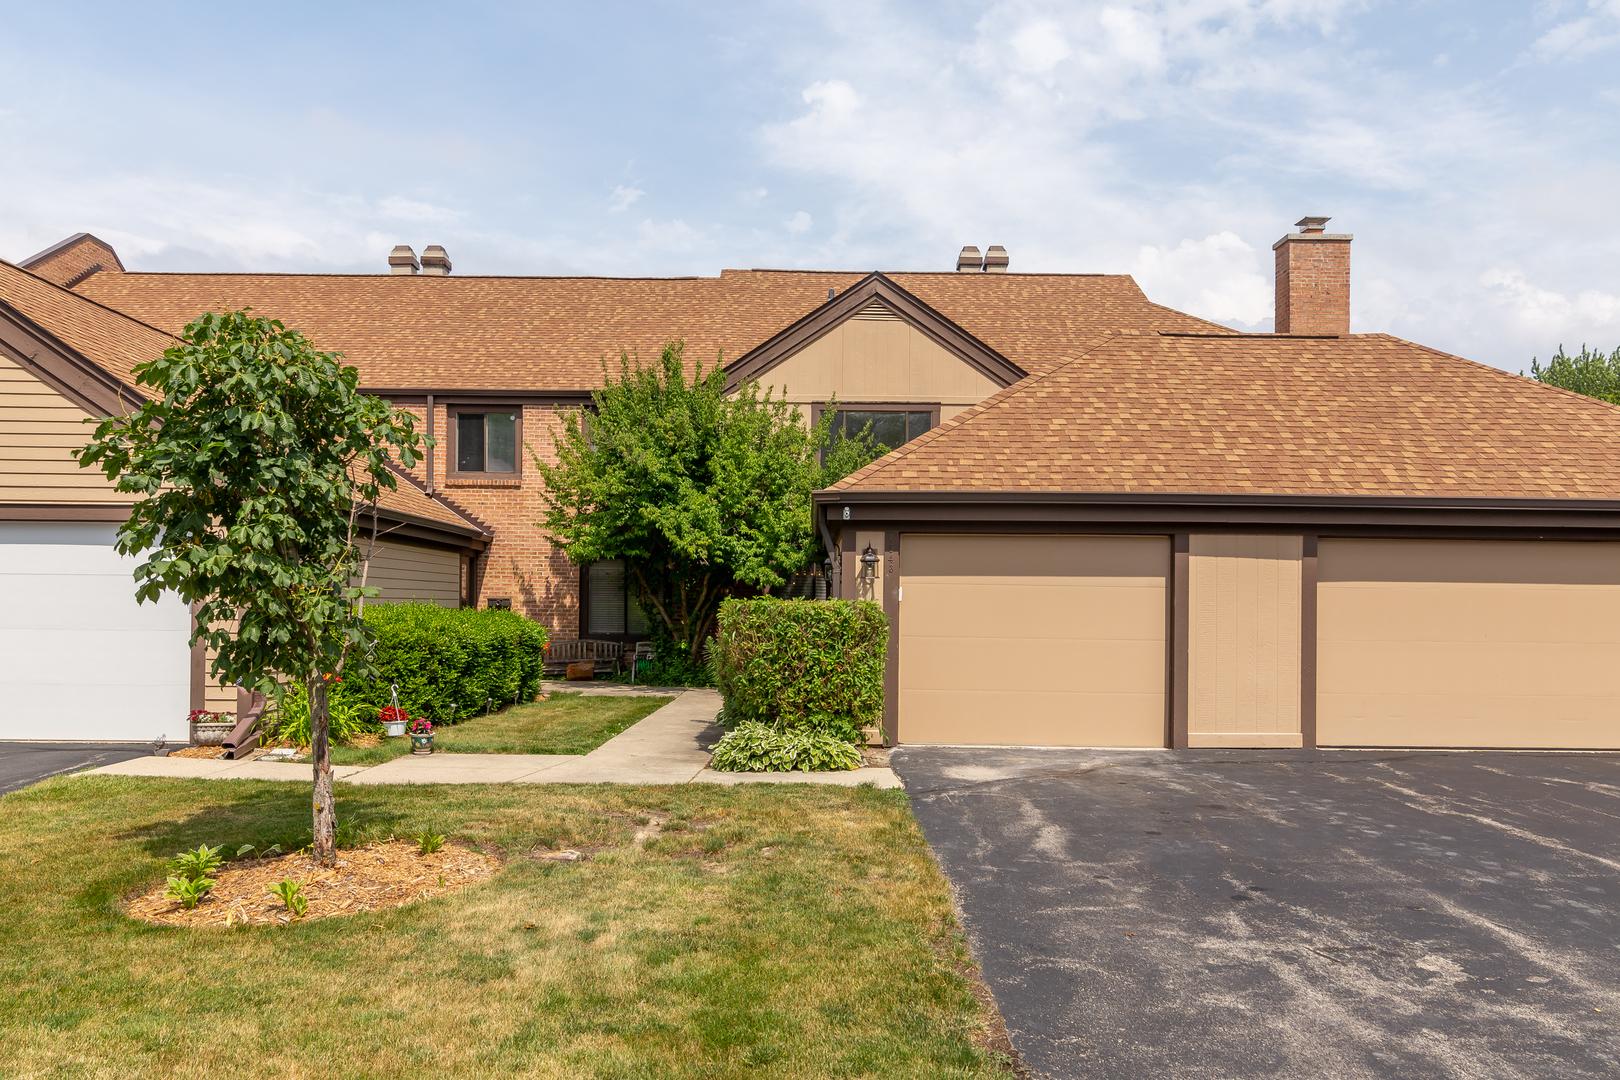 1543 Anderson Lane, Buffalo Grove IL 60089